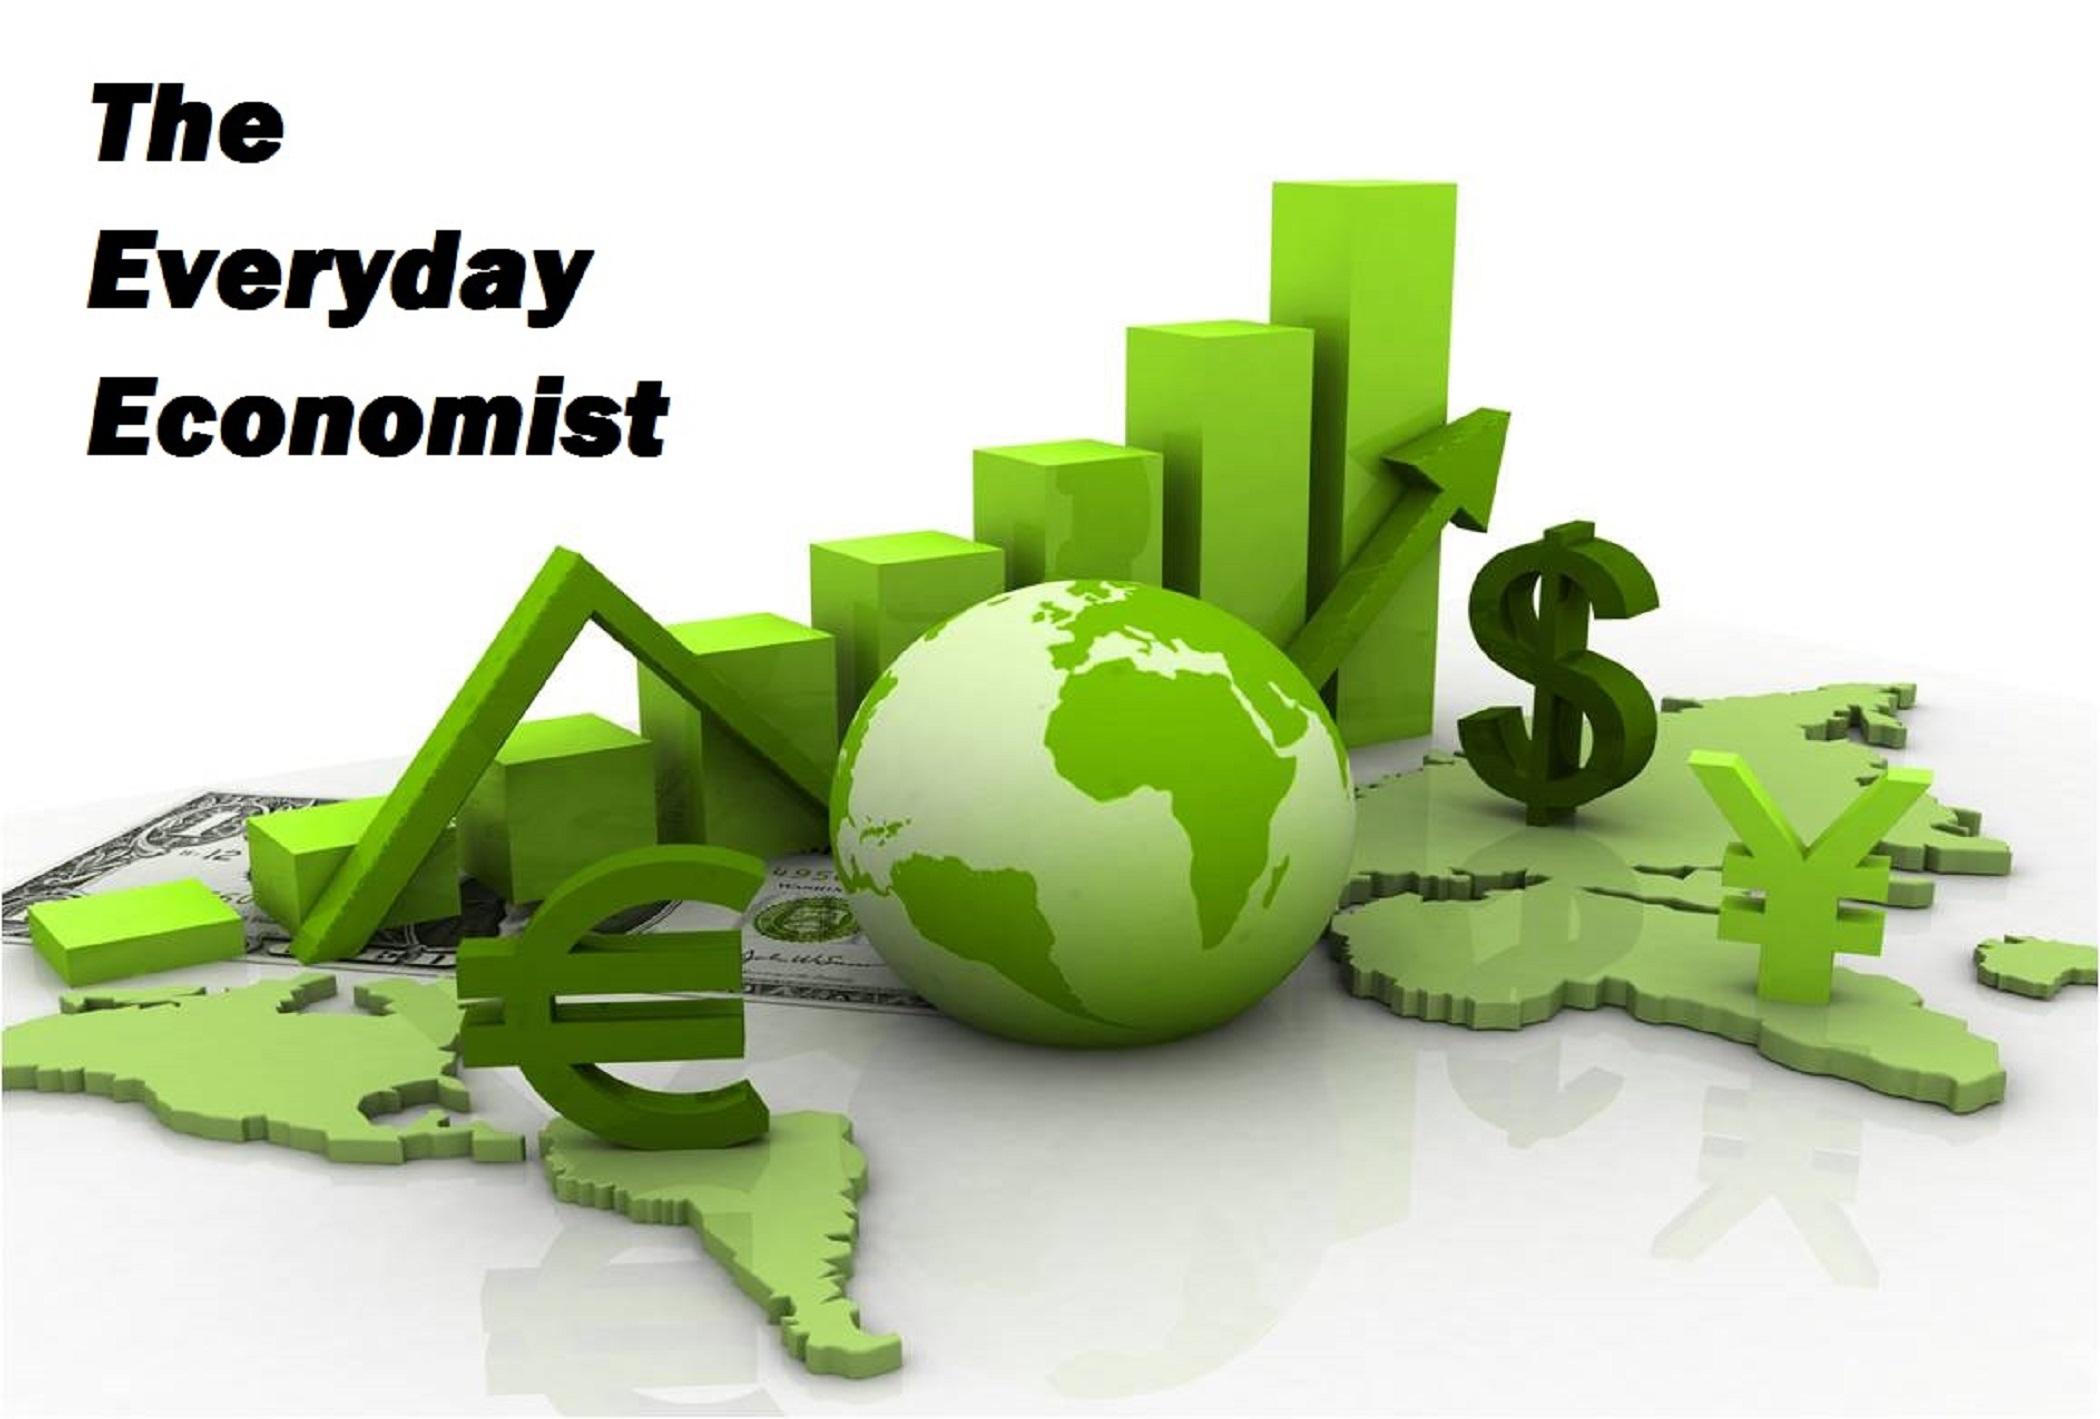 The Everyday Economist